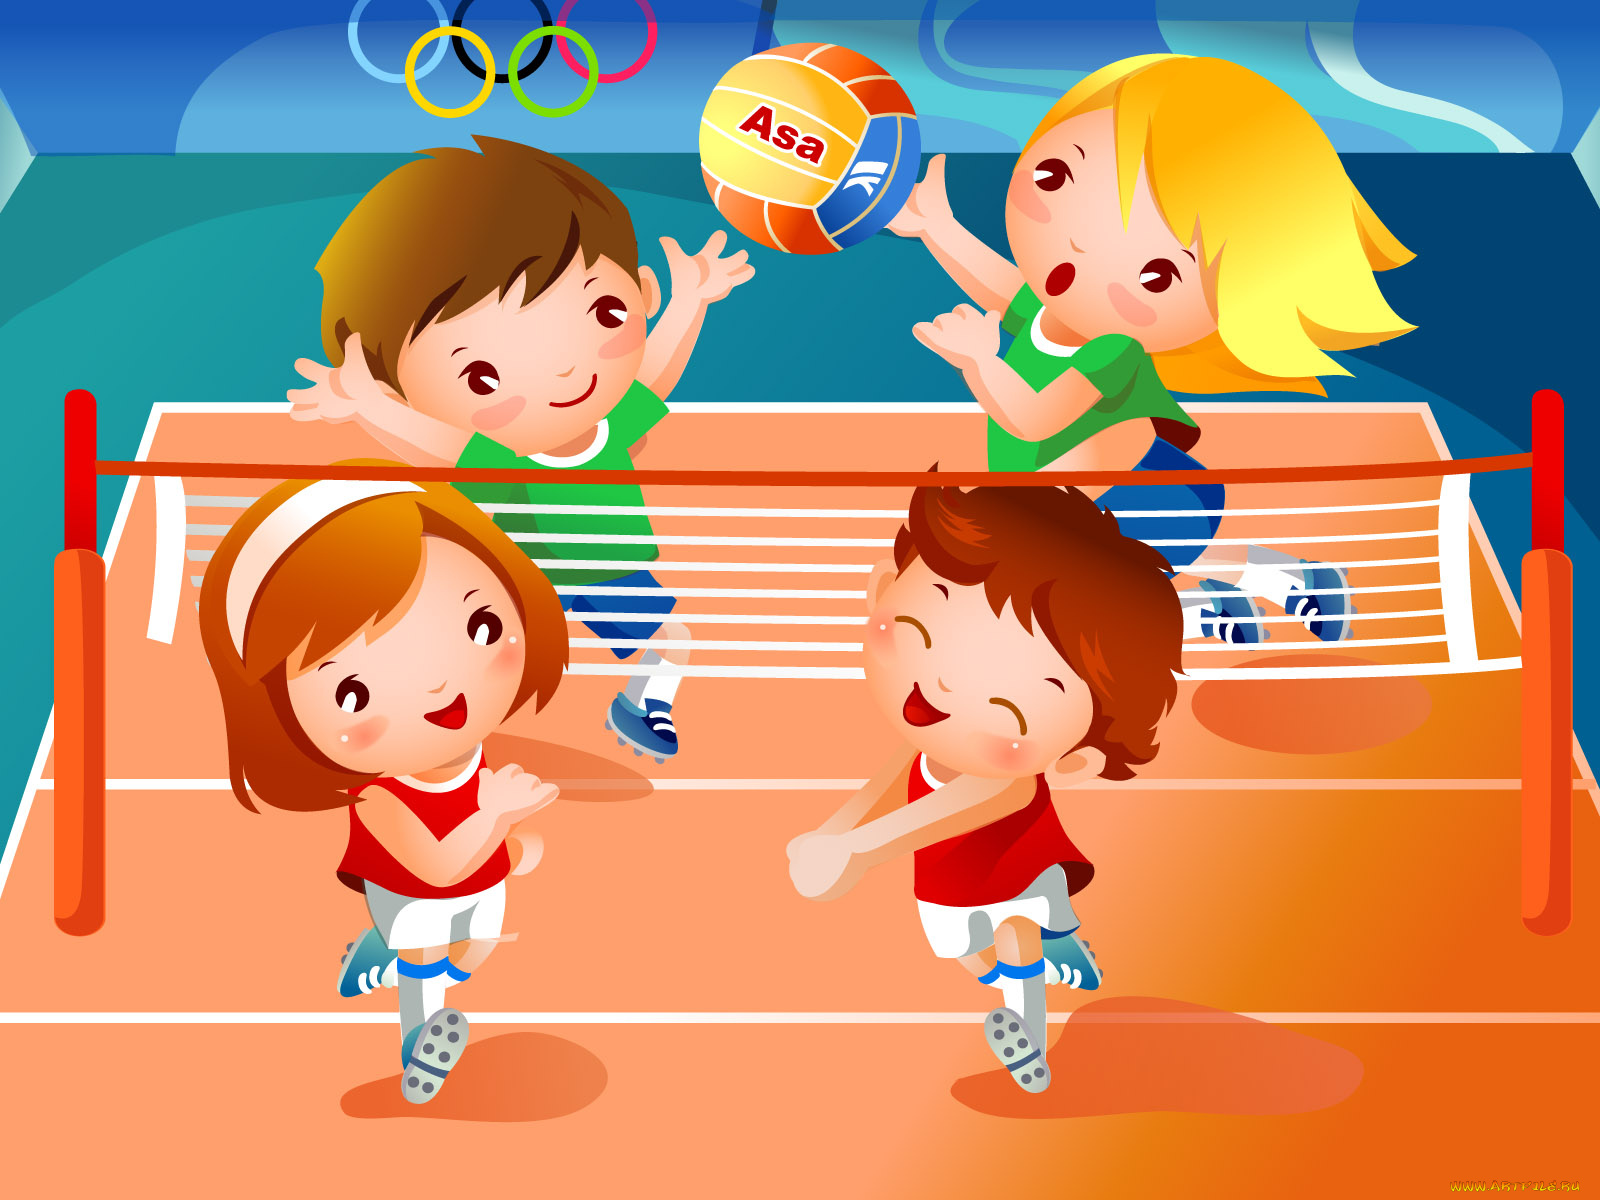 Окончанием университета, картинки про спорт и физкультуру для детей